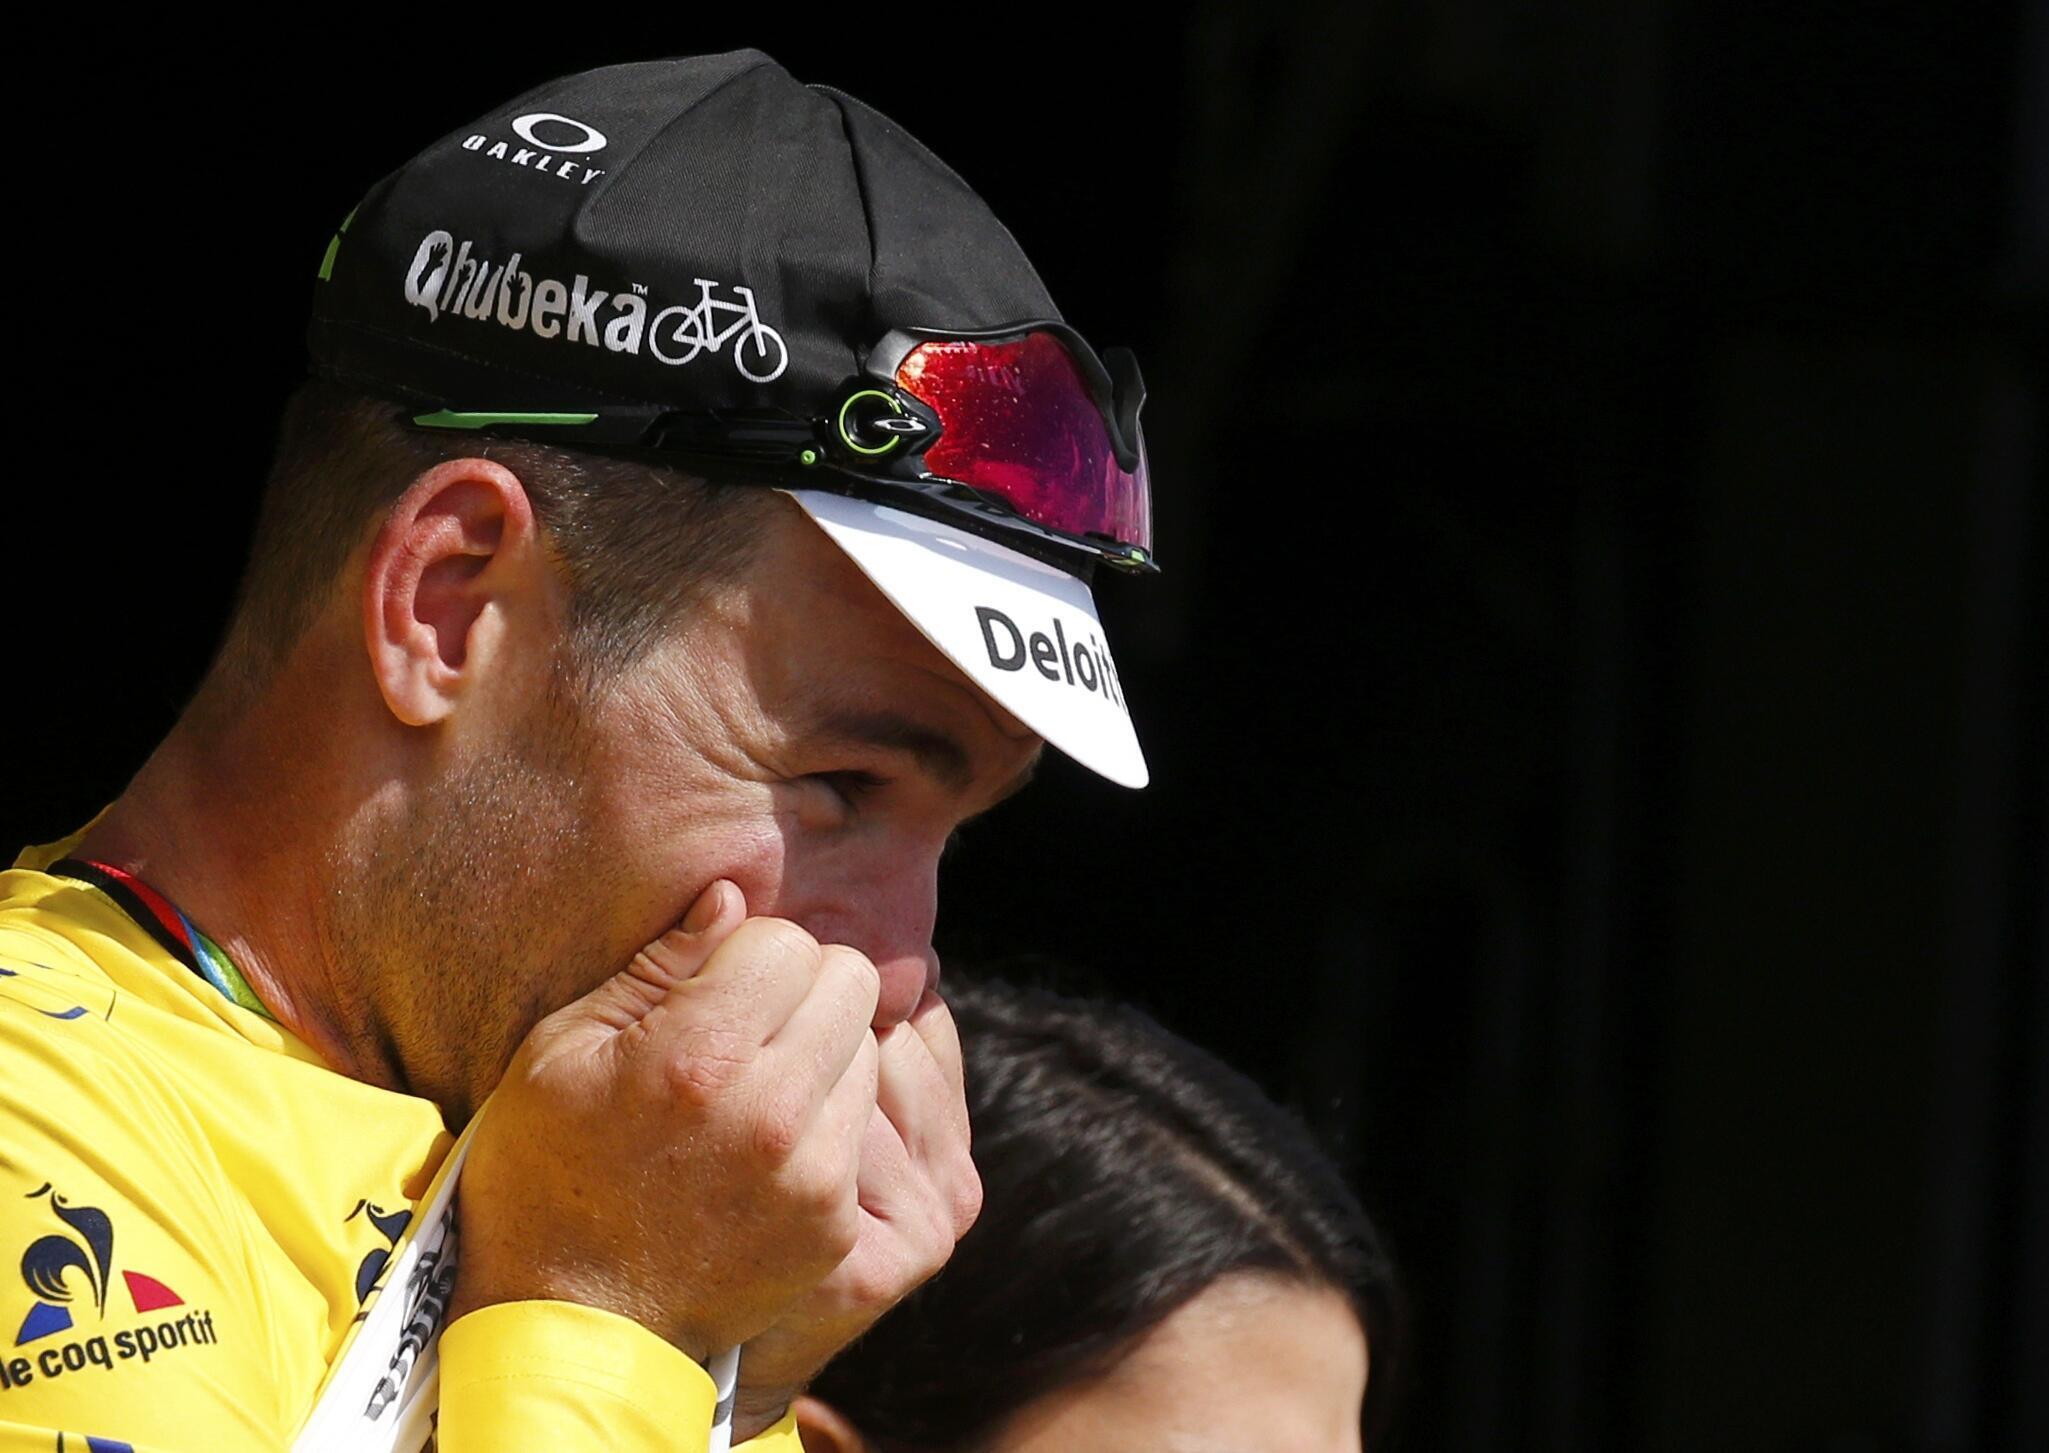 Britânico Mark Cavendish foi o mais rápido neste primeiro dia da Volta da França.